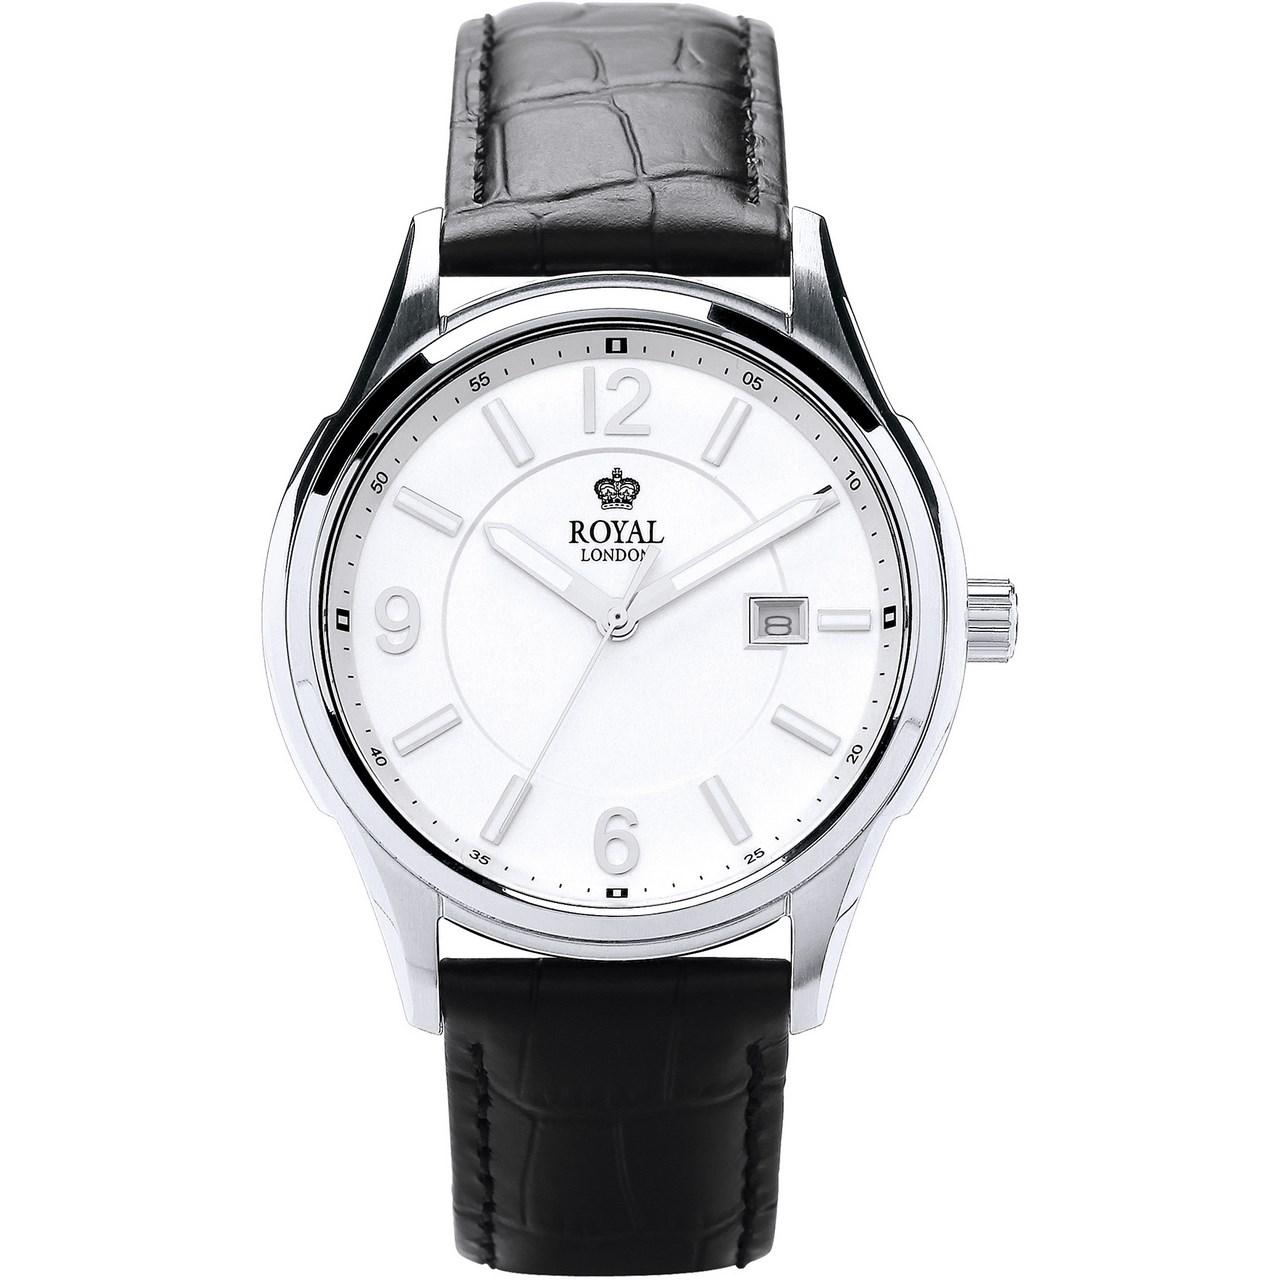 ساعت مچی عقربه ای مردانه رویال لندن مدل RL-41222-01